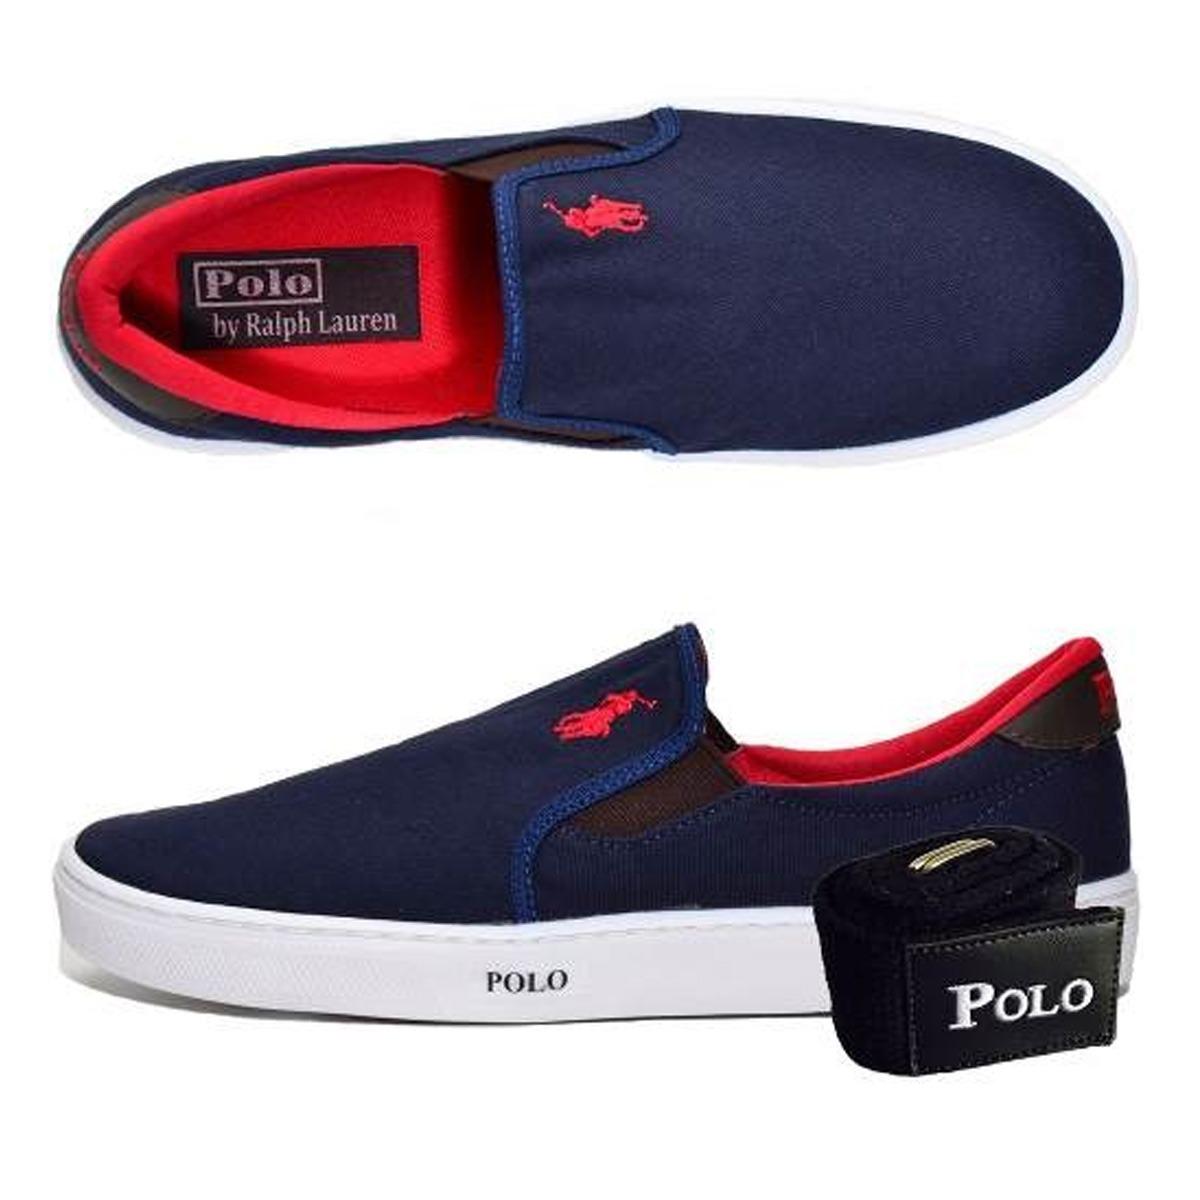 f97db729d8 tenis sapatenis sapato masculino casual iate polo + 1 cinto. Carregando  zoom.